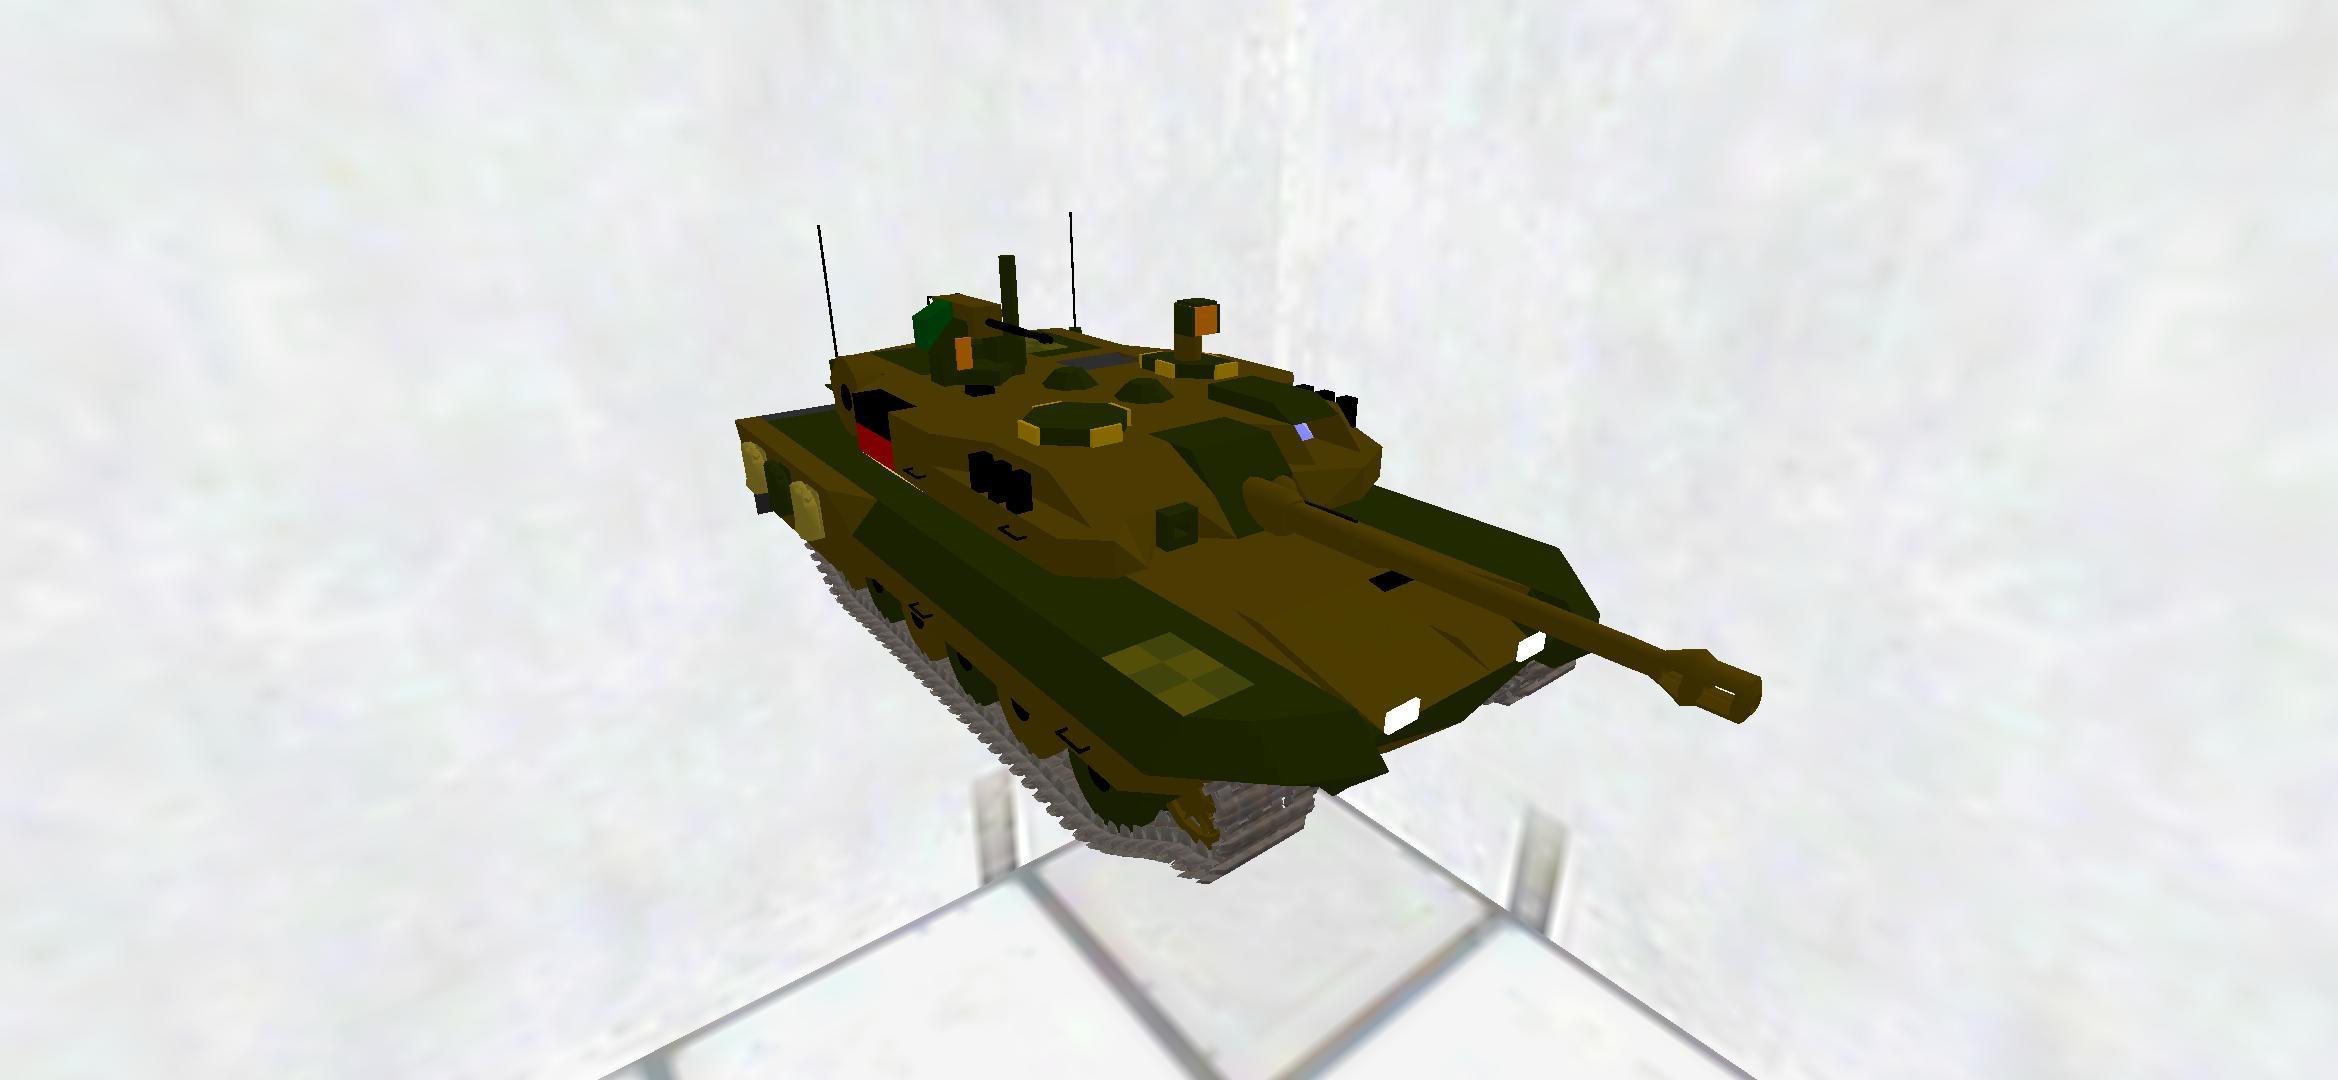 2A8 concept A1